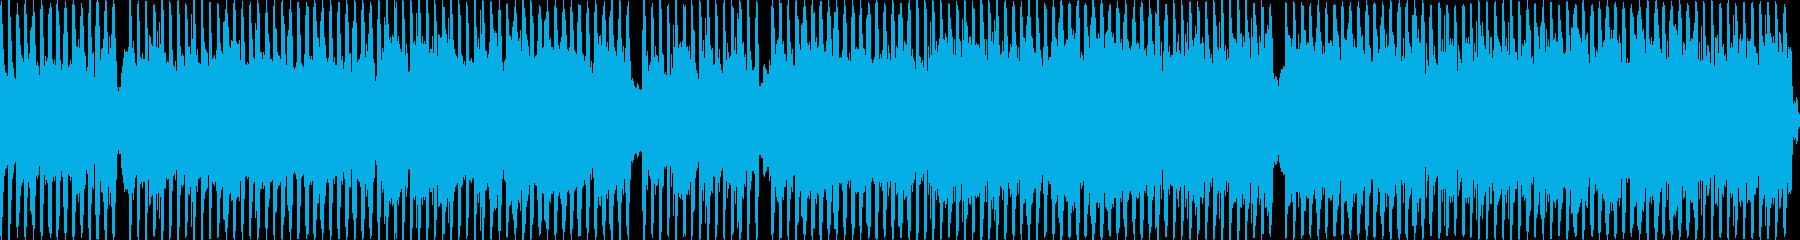 戦闘シーンのBGMの再生済みの波形